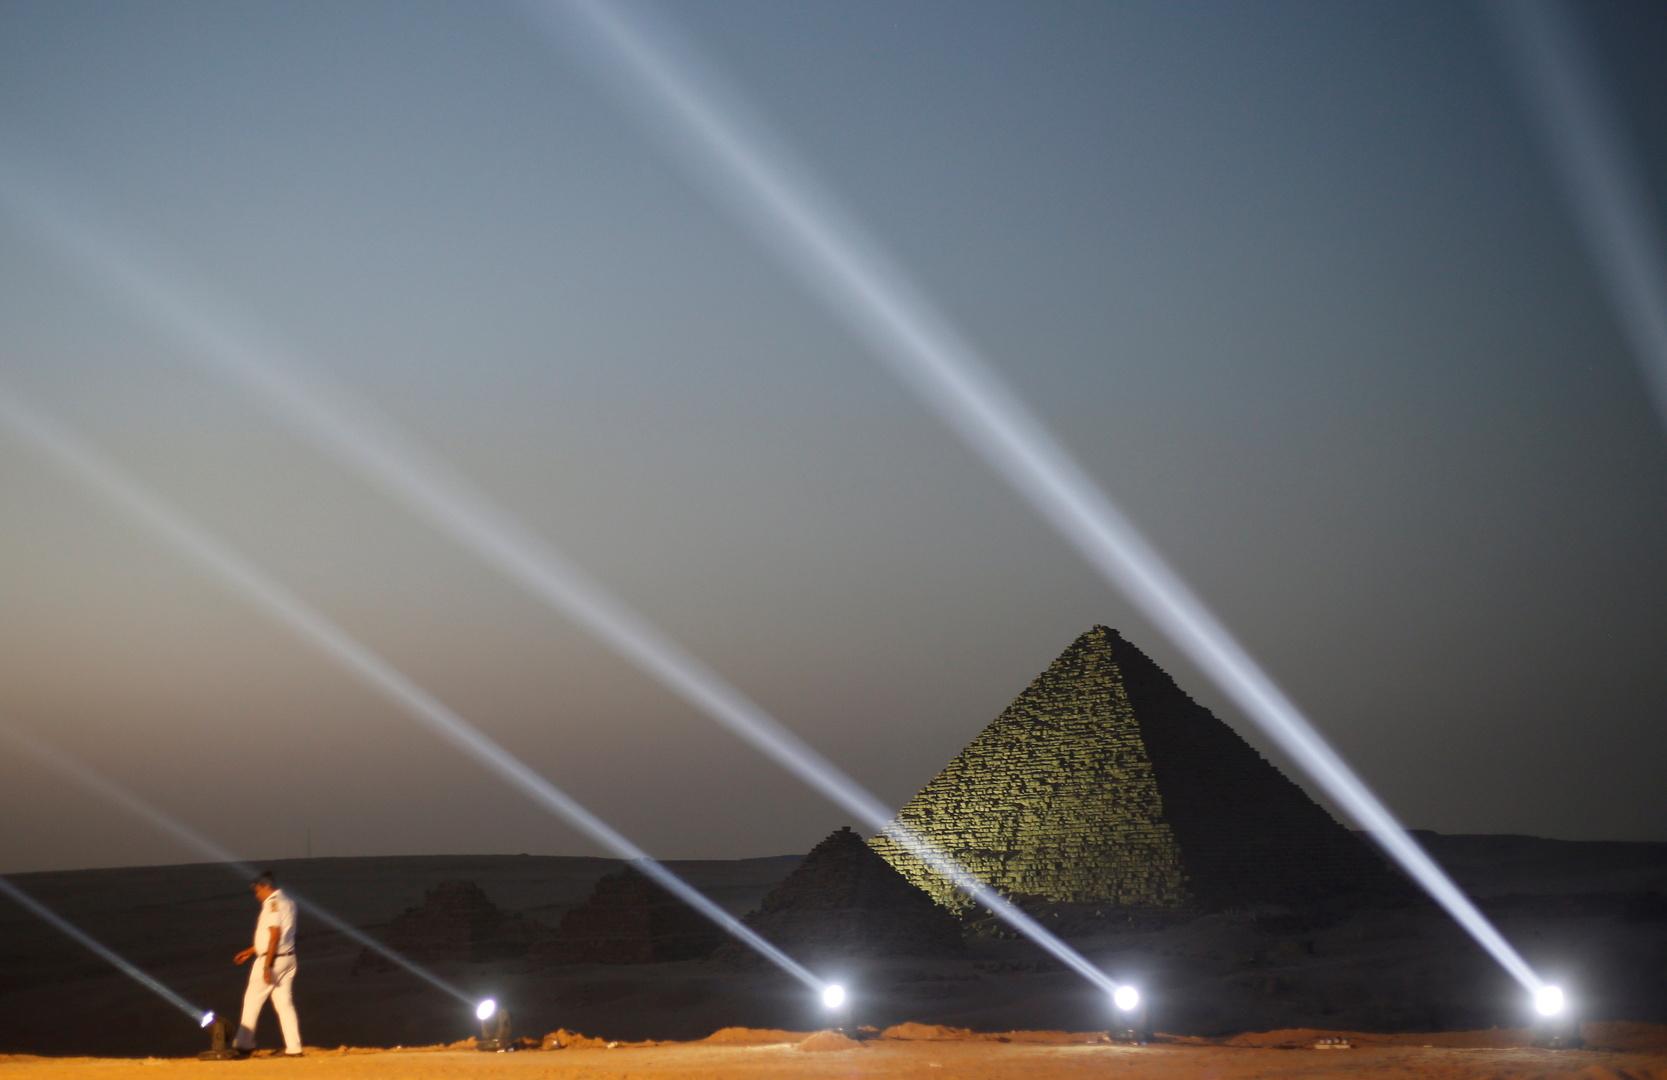 مصر تخطط لنقل مركب خوفو الضخم دون تفكيكه (صور)